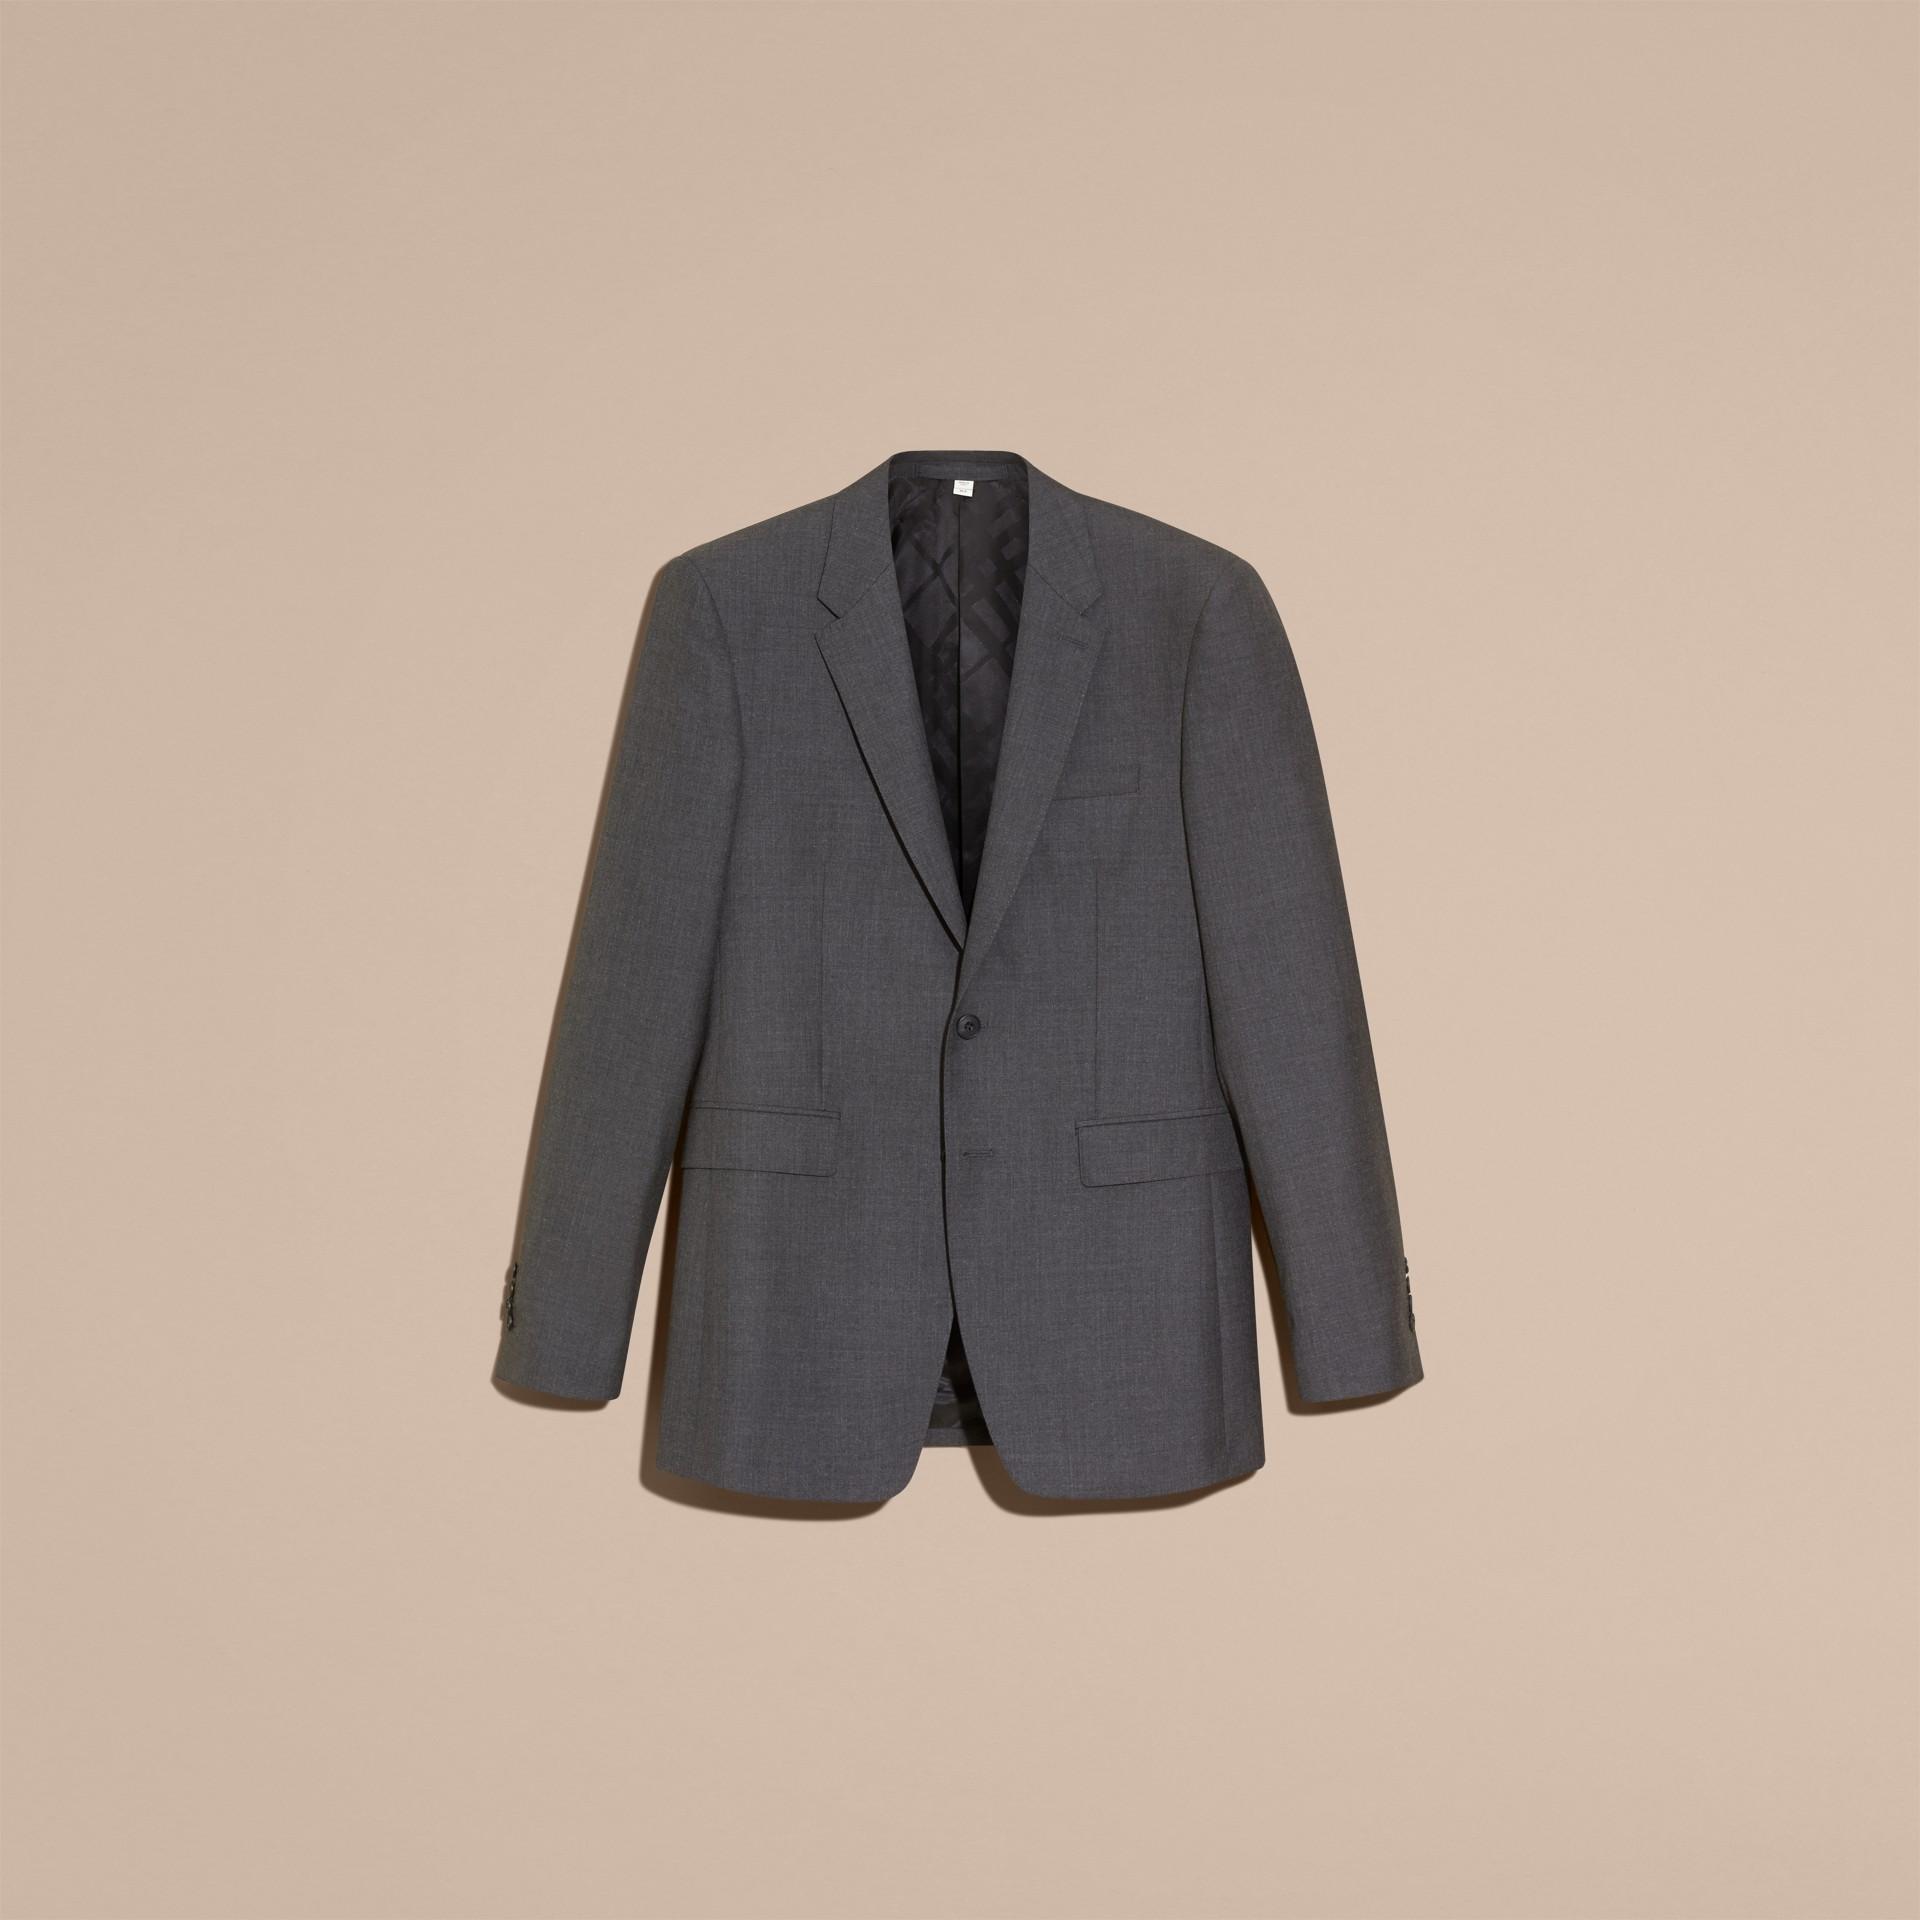 Modern geschnittener Part-Canvas-Anzug aus Wolle (Anthrazitfarben) - Herren | Burberry - Galerie-Bild 4